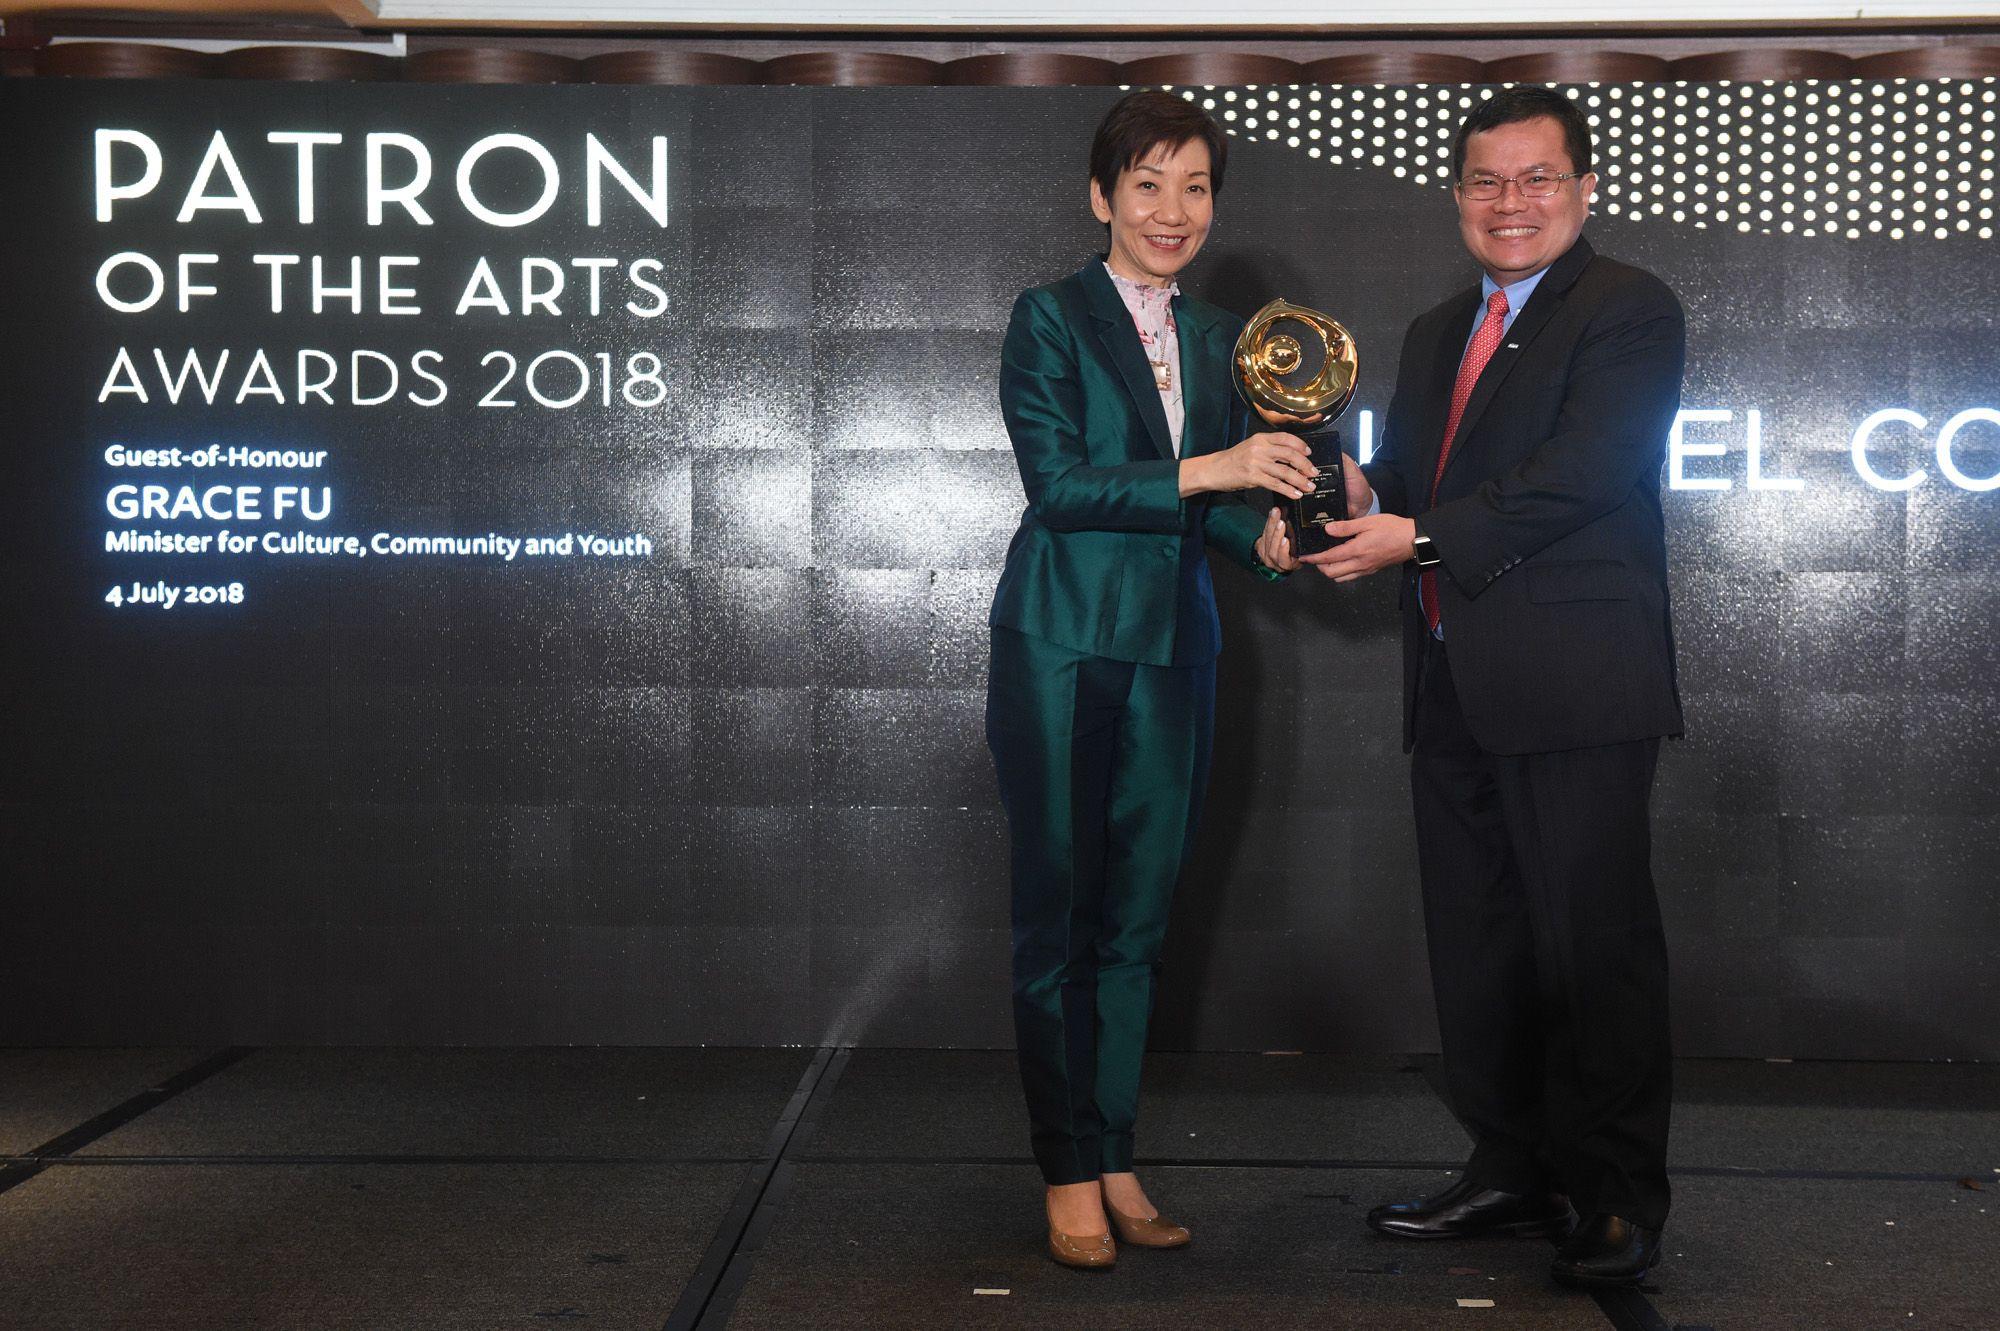 Grace Fu, Ho Tong Yen